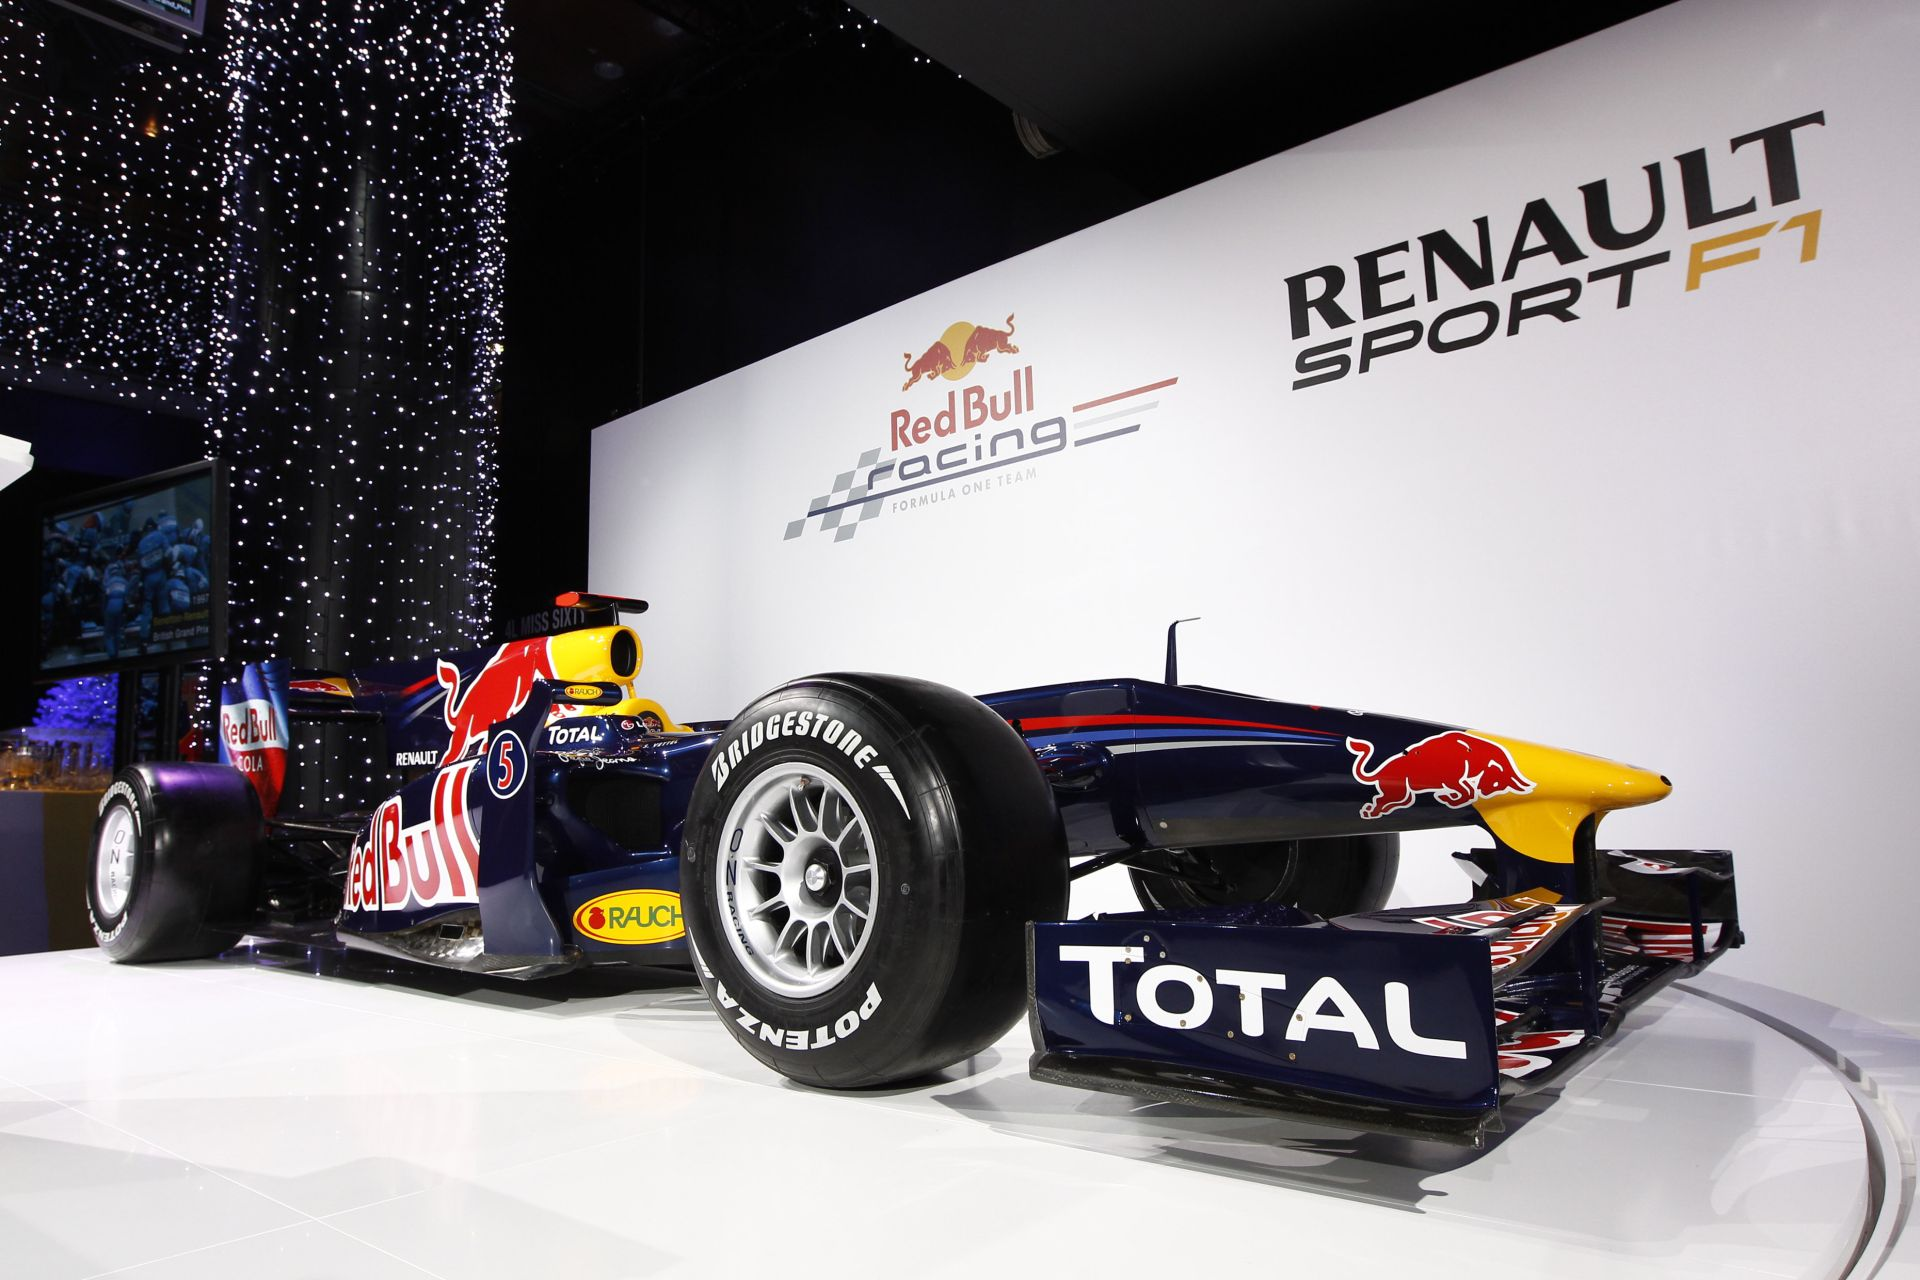 Újabb hivatalos képek a Red Bull idei F1-es festéséről